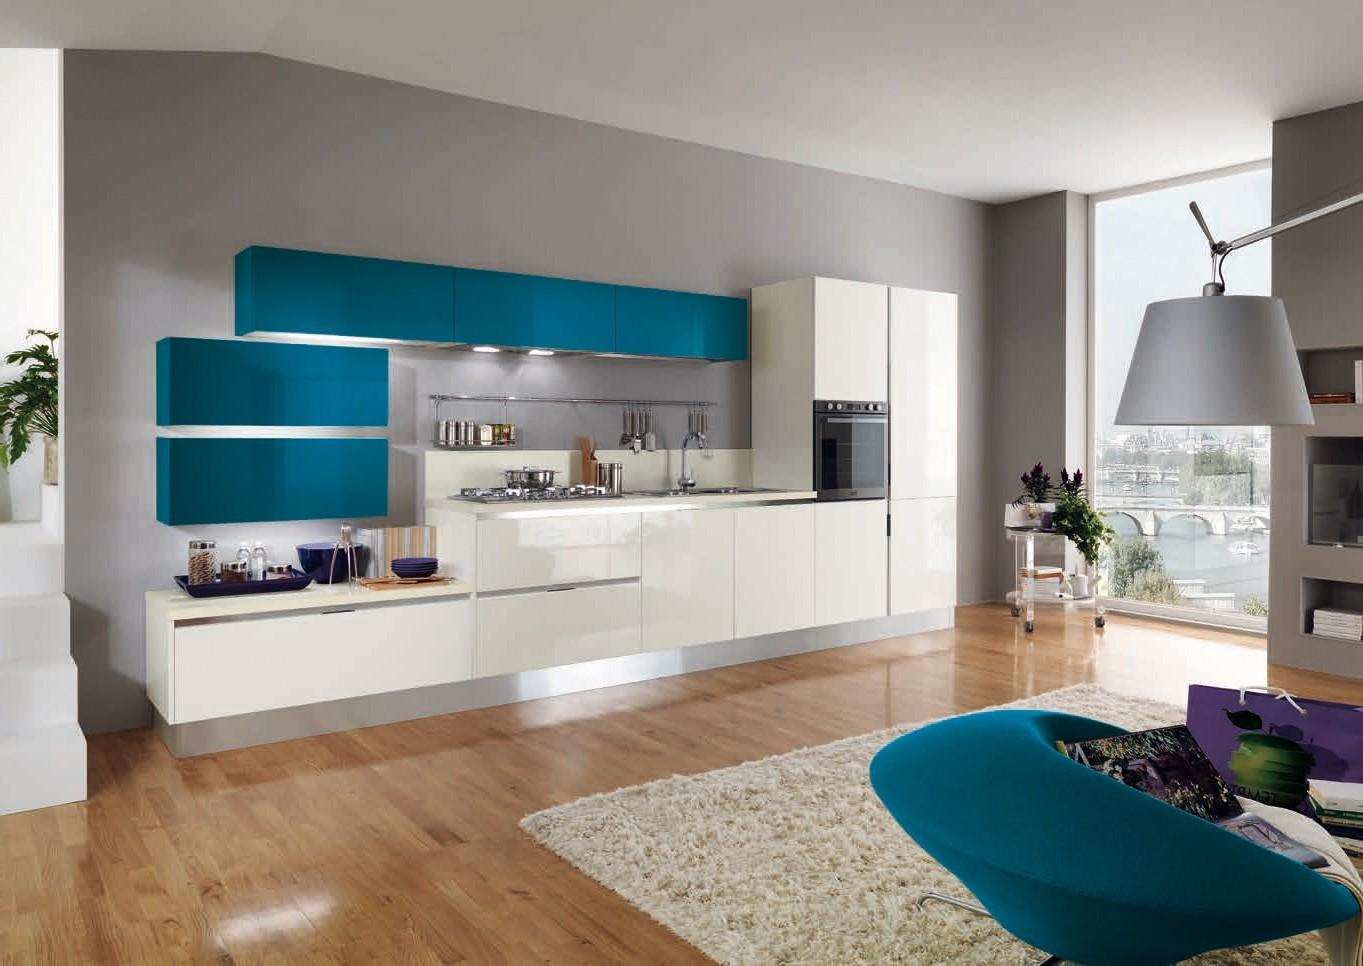 Meka arredamenti 1500 euro di vantaggi sulla tua nuova for Meka arredamenti cucine